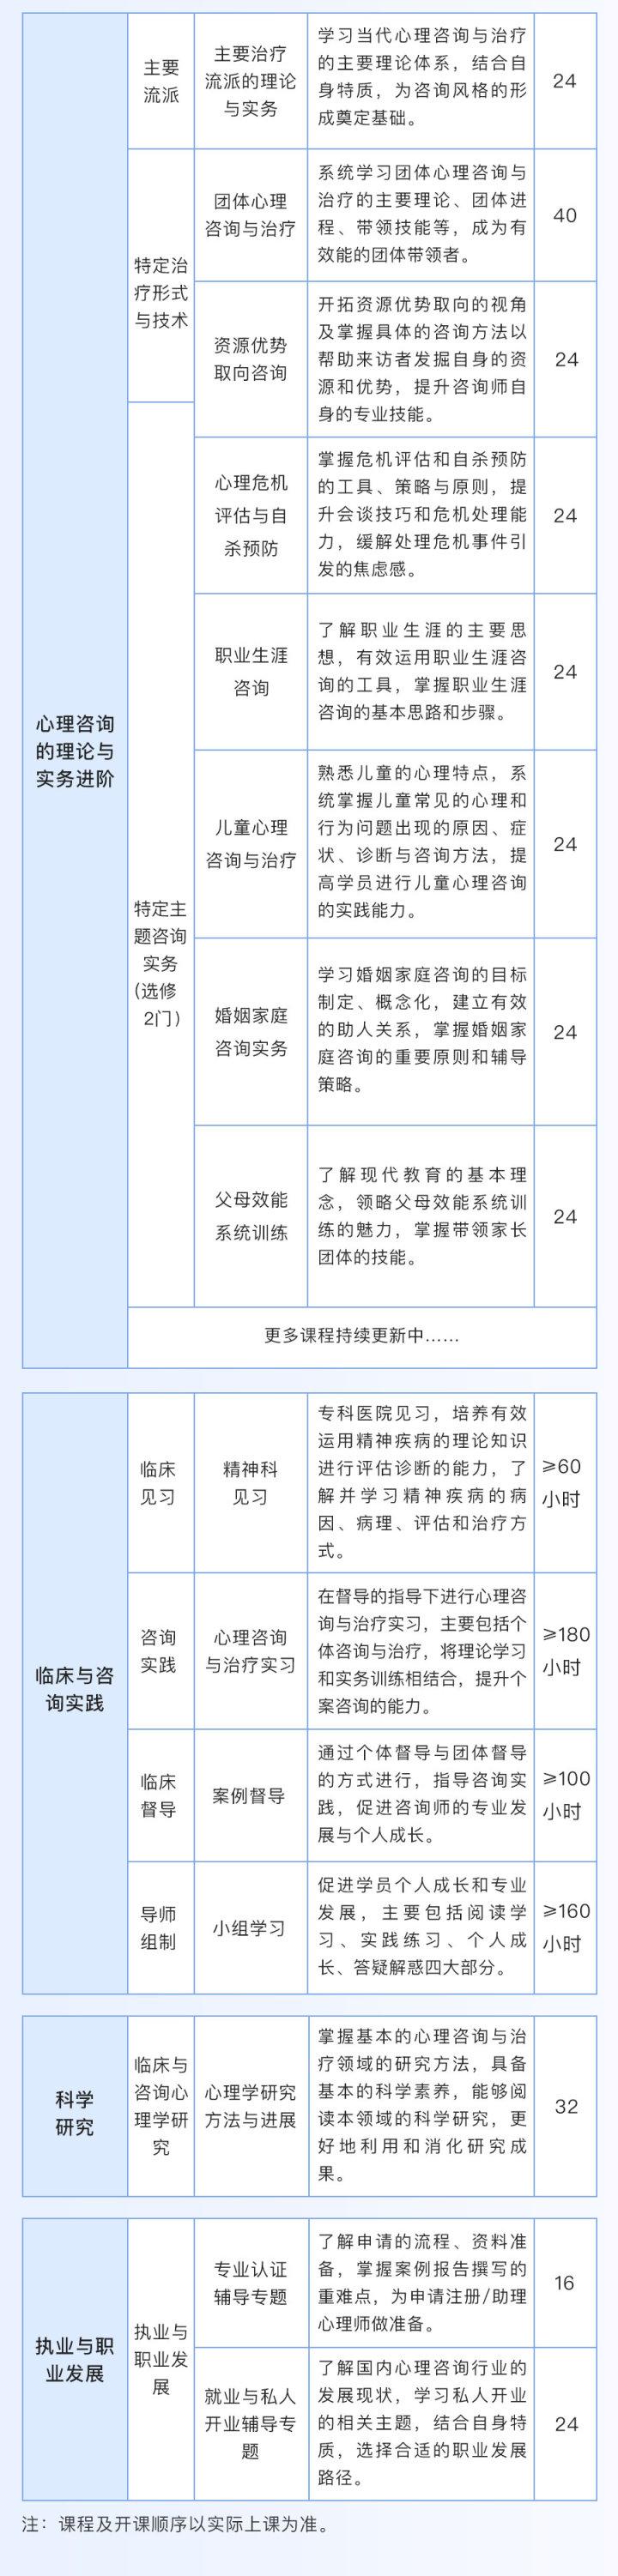 课程大纲6.jpg